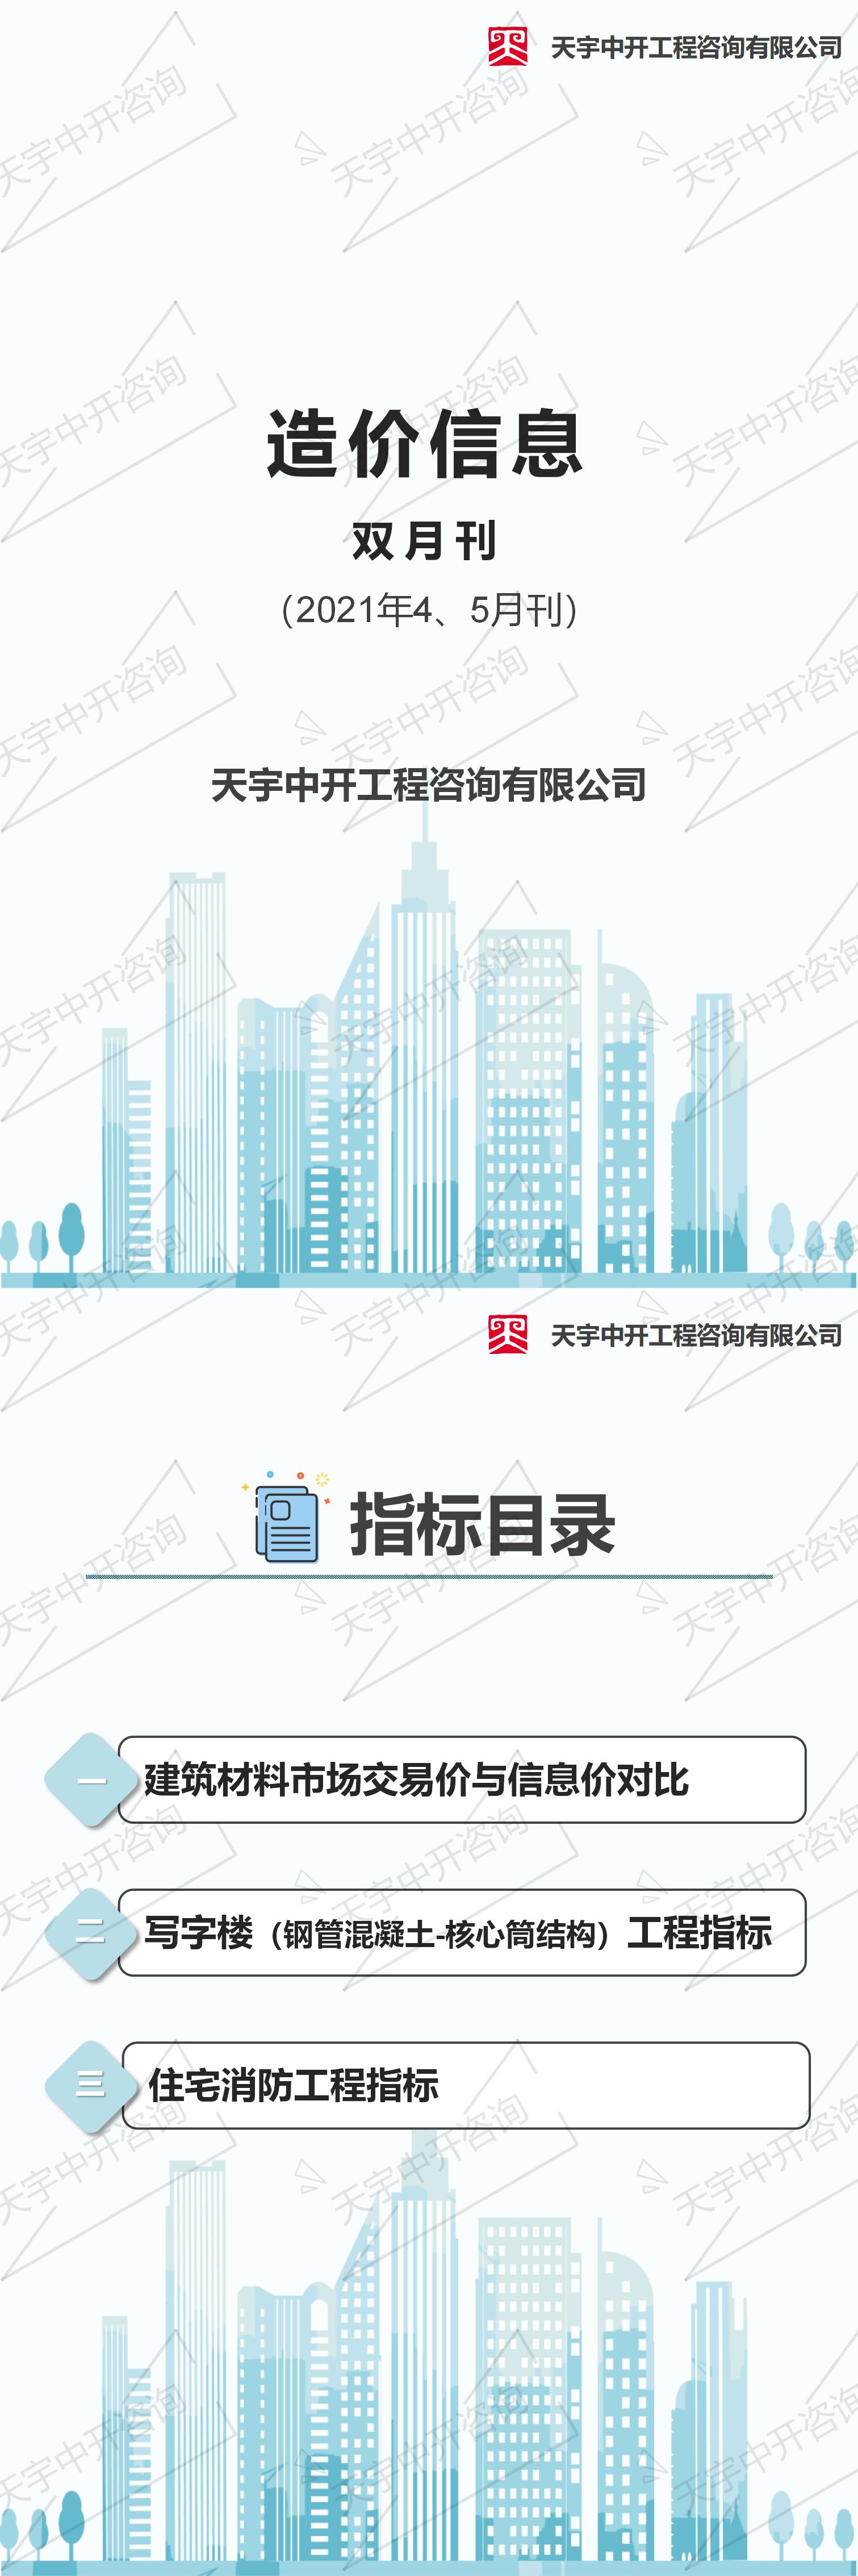 天宇万博体育苹果下载地址咨询造价信息双月刊2021年4、5月刊